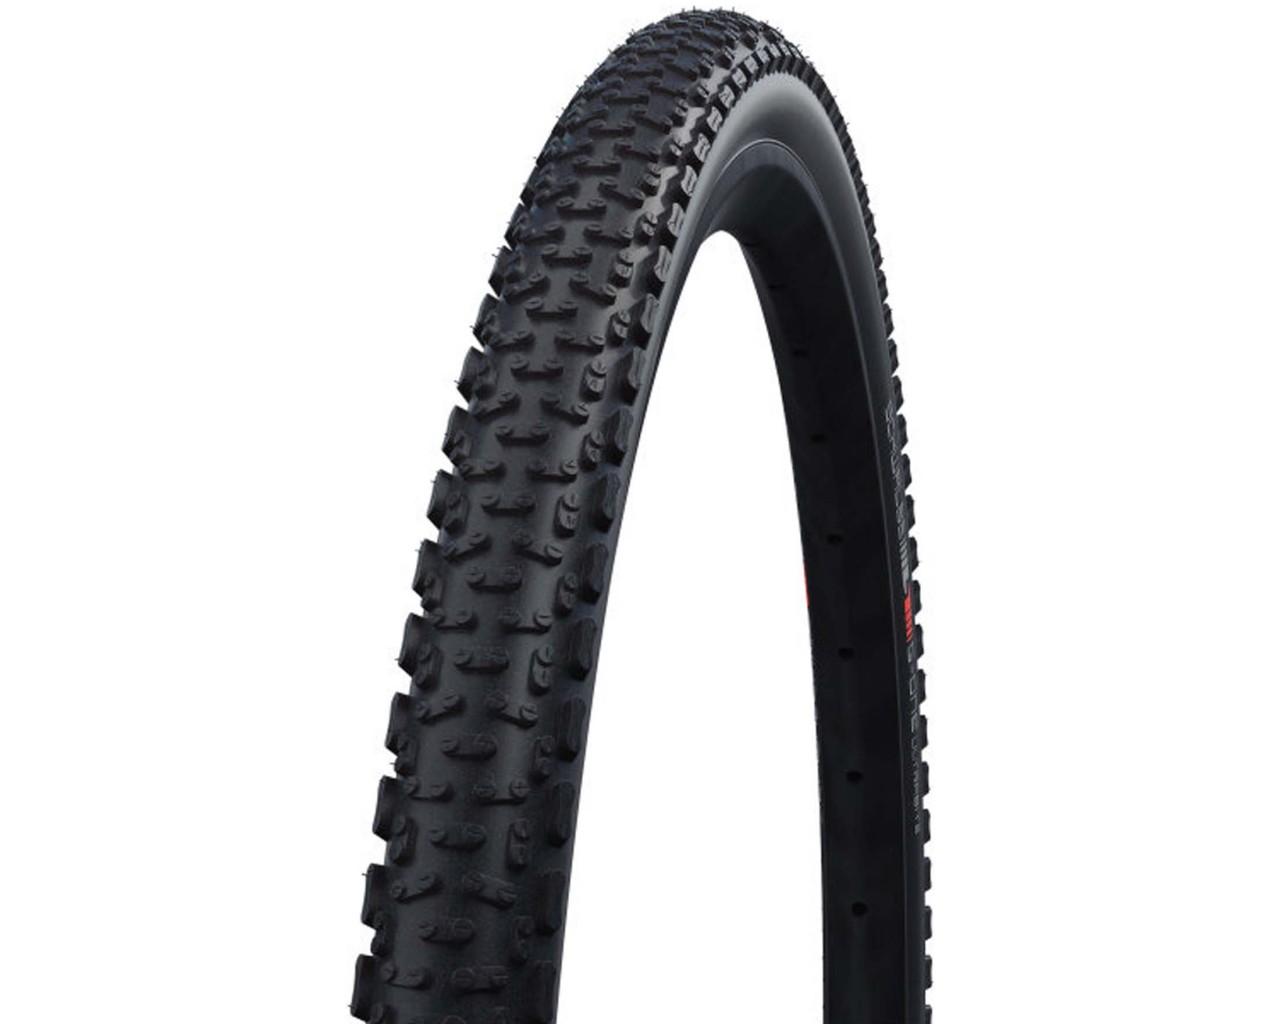 Schwalbe G-One Ultrabite Gravel-Reifen 27.5x2.00 Zoll | schwarz ADDIX SpeedGrip Evolution Line faltb